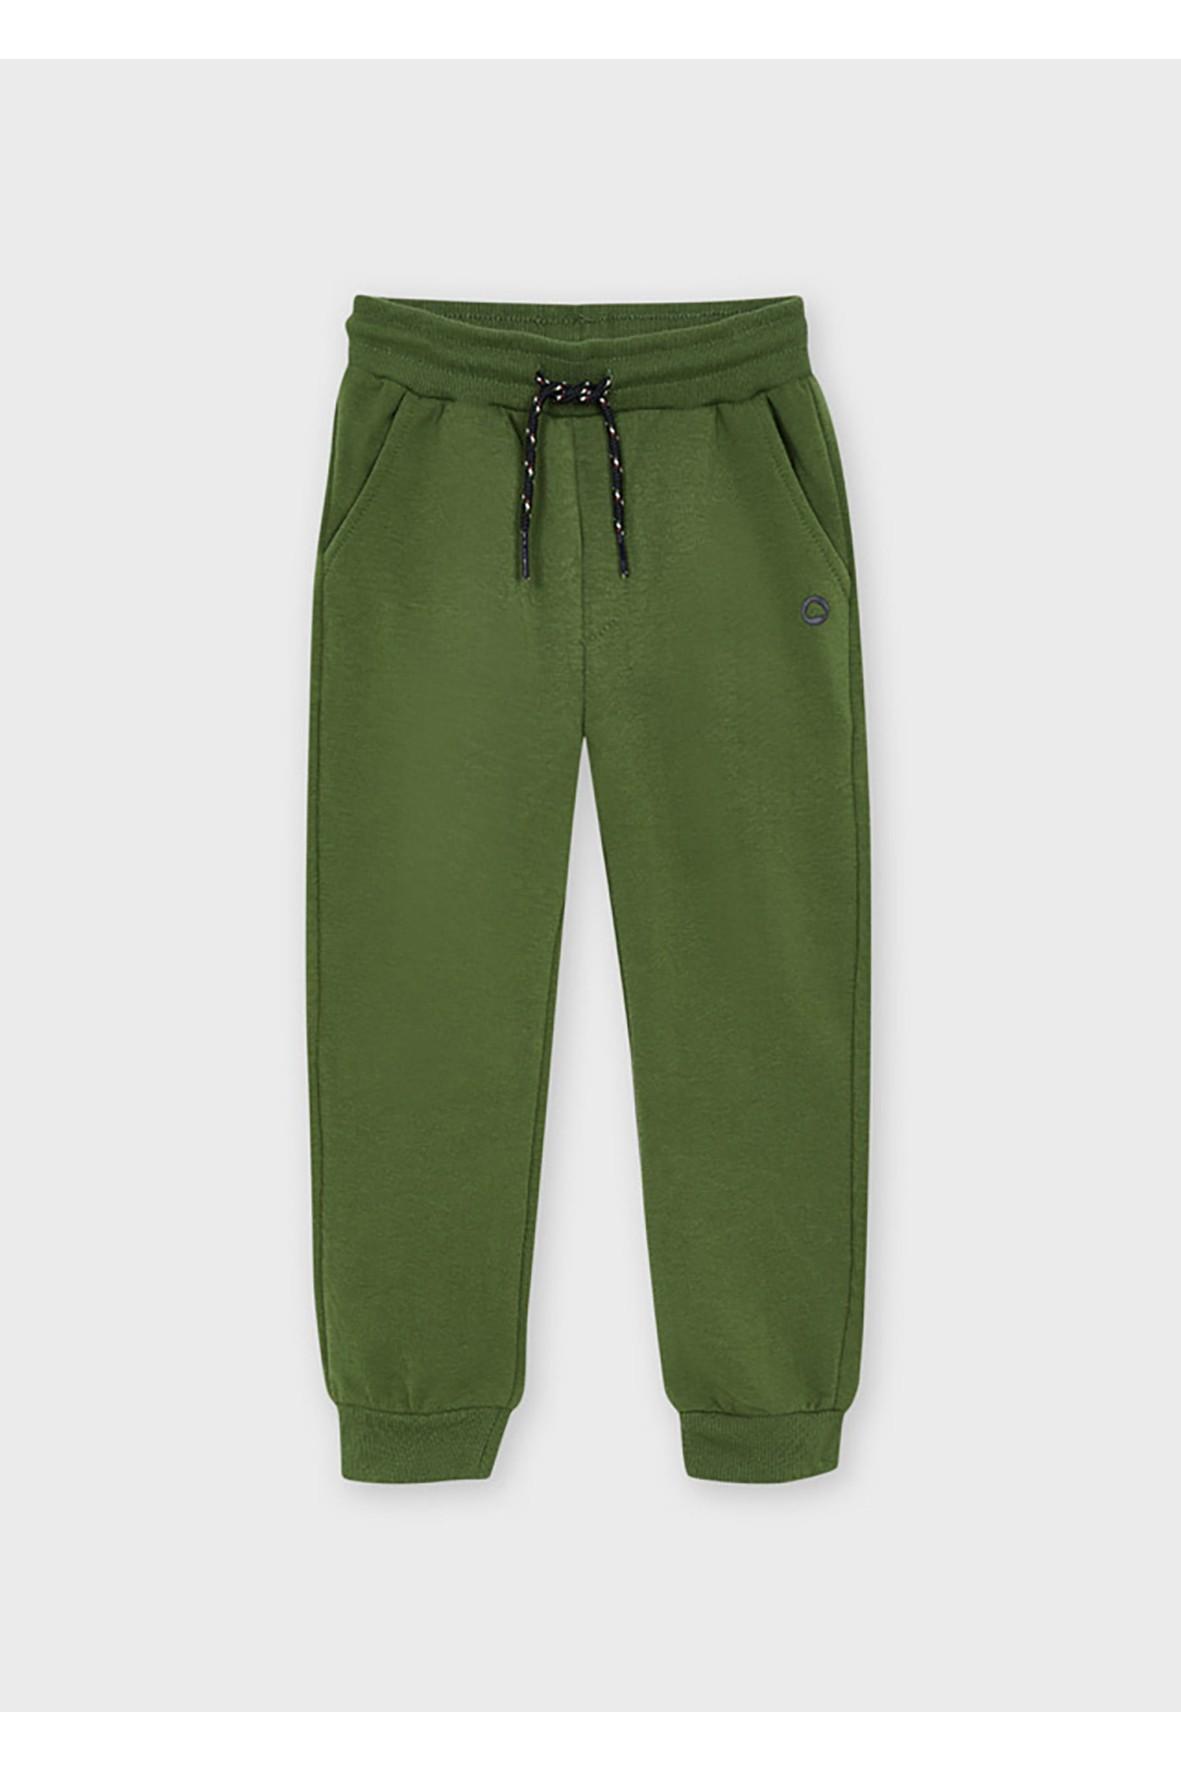 Długie chłopięce spodnie dresowe Mayoral - zielone